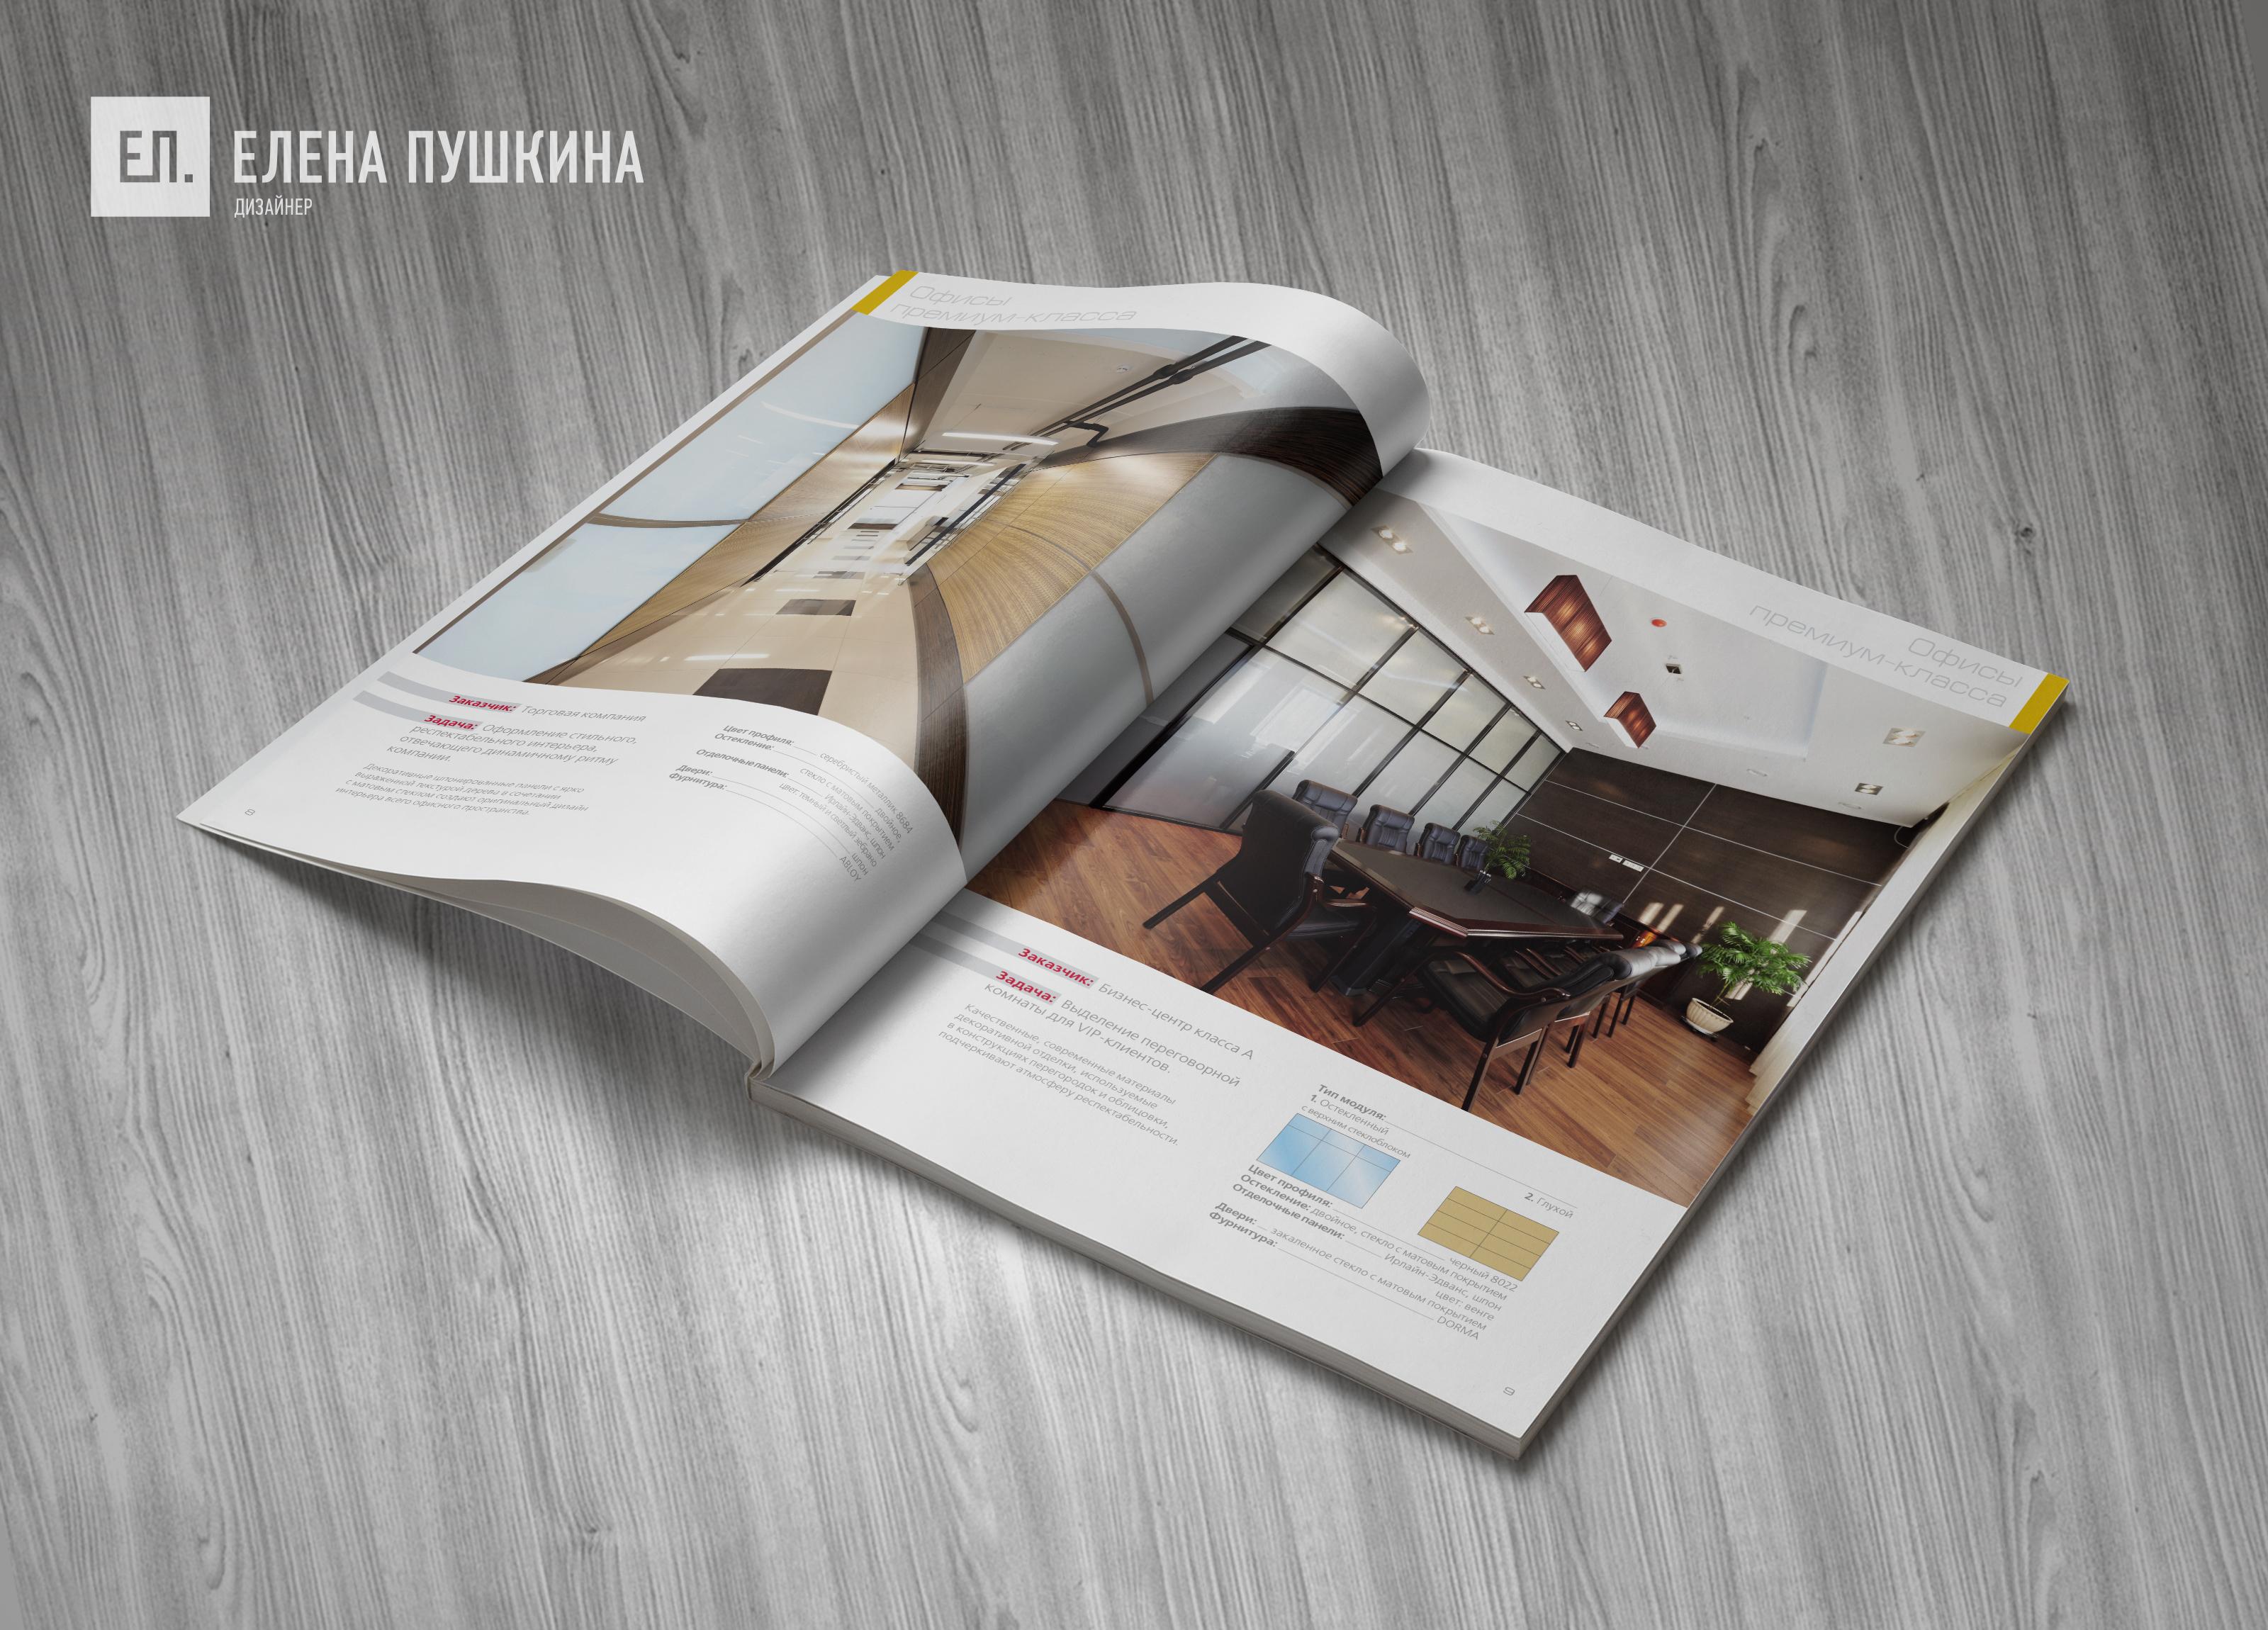 Каталог компании «Ирлайн»— дизайн с«нуля» обложки, макета ивёрстка каталога Дизайн каталогов Портфолио